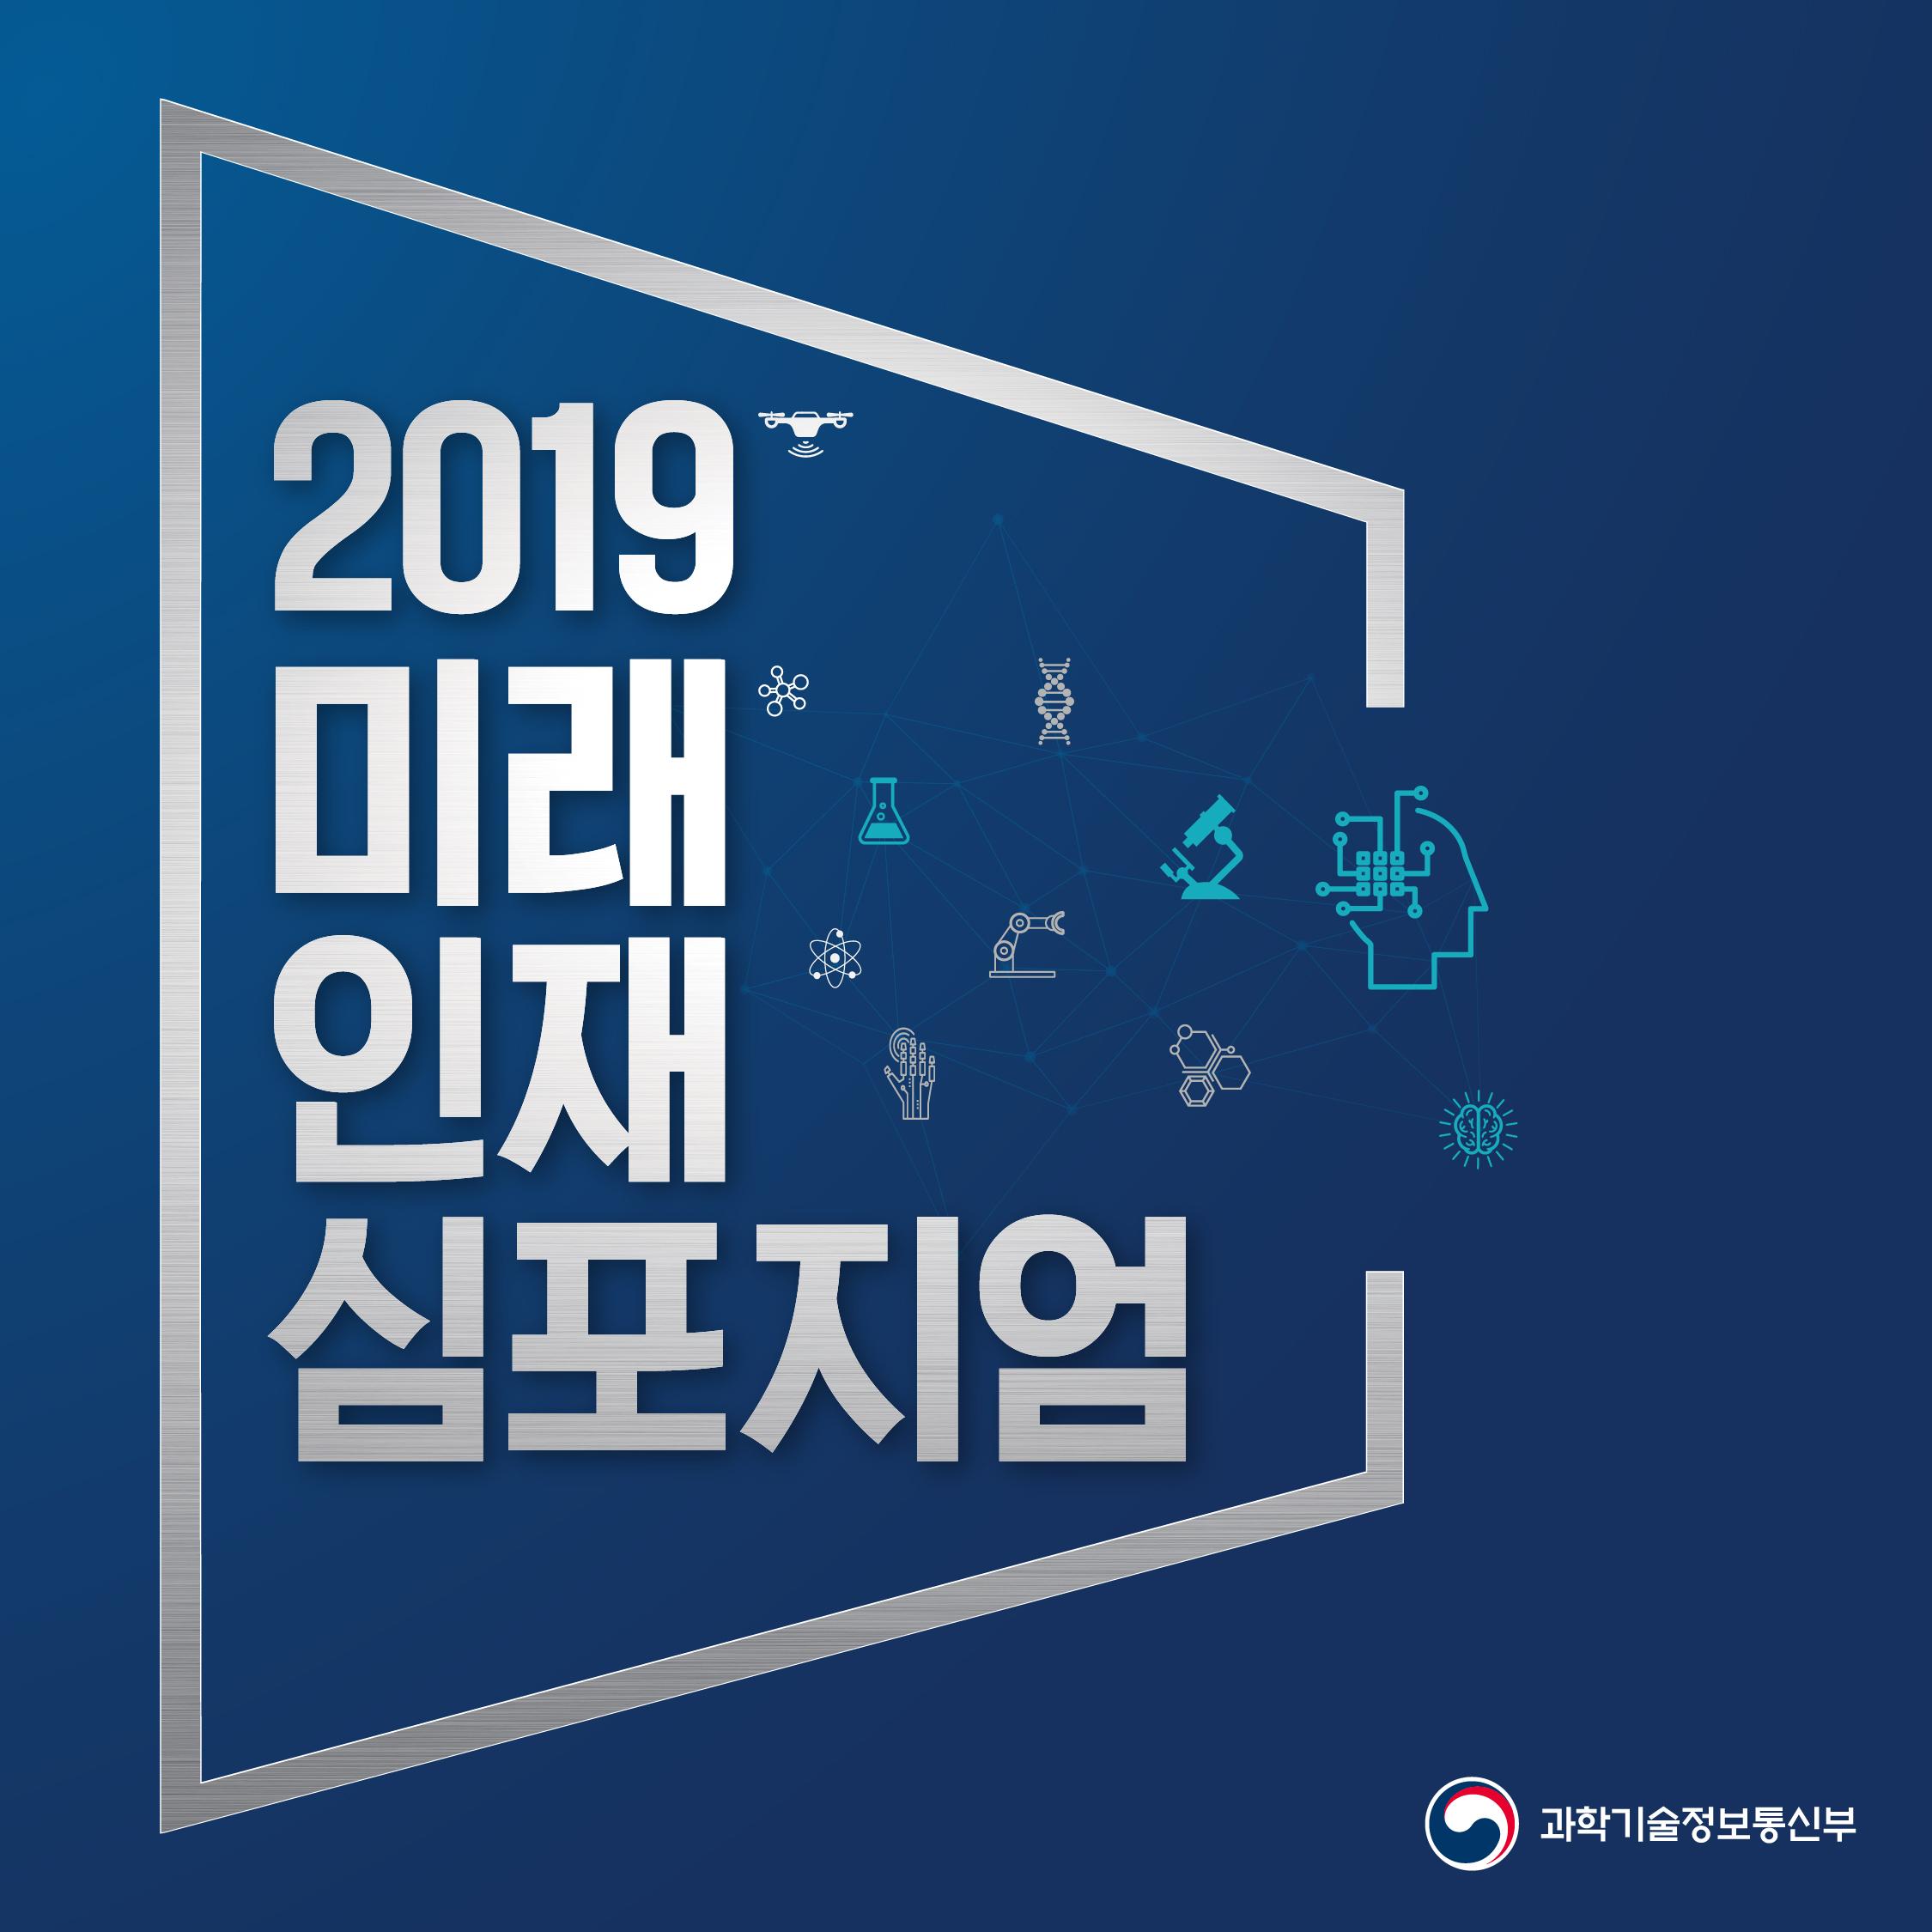 2019 미래인재 심포지엄 개최